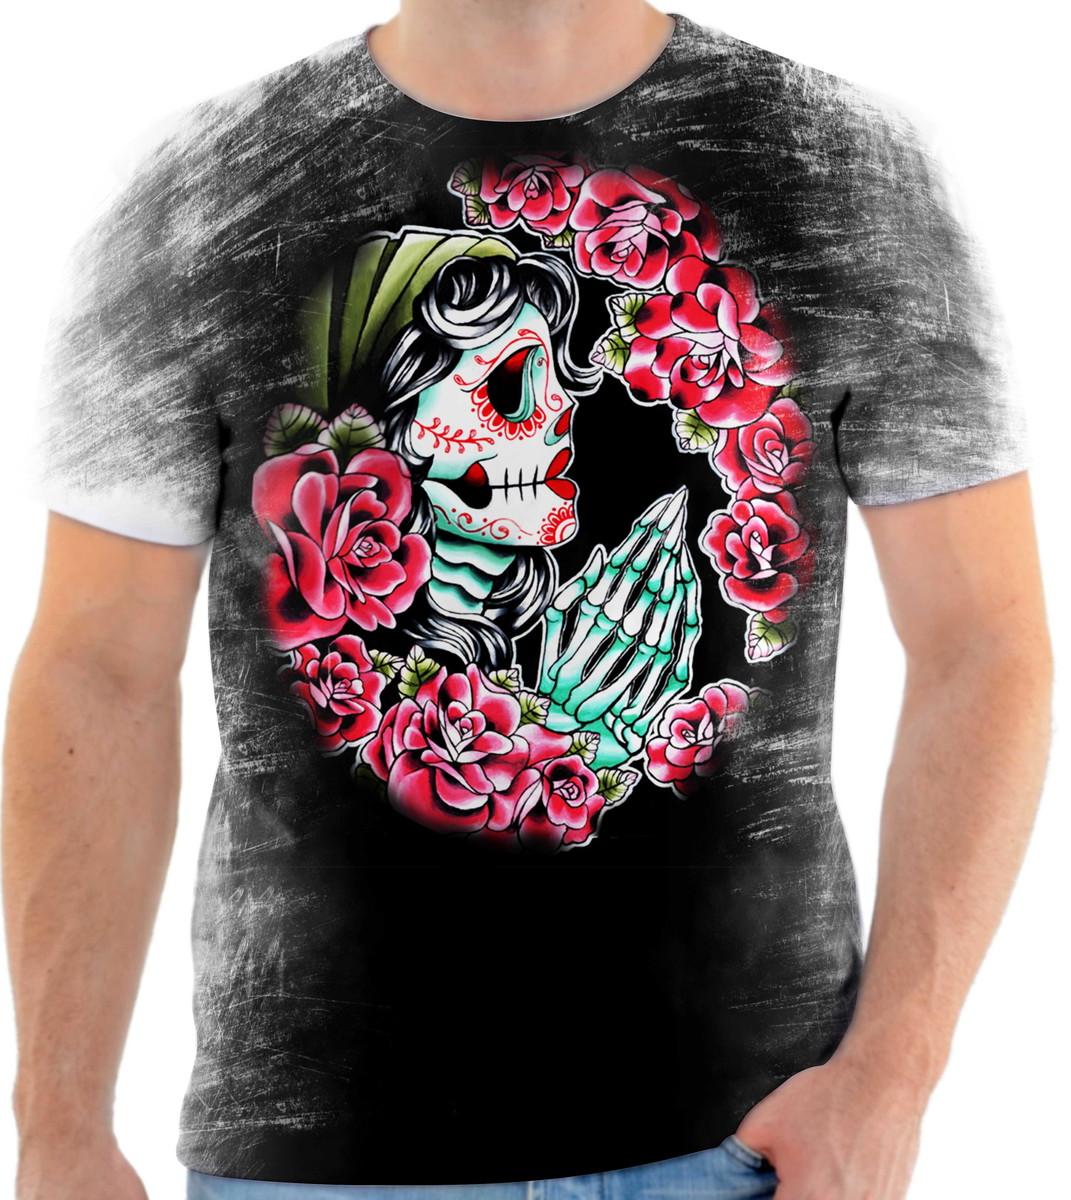 Camisa Camiseta Personalizada Caveira Mexicana 05 no Elo7  68190e5150d07